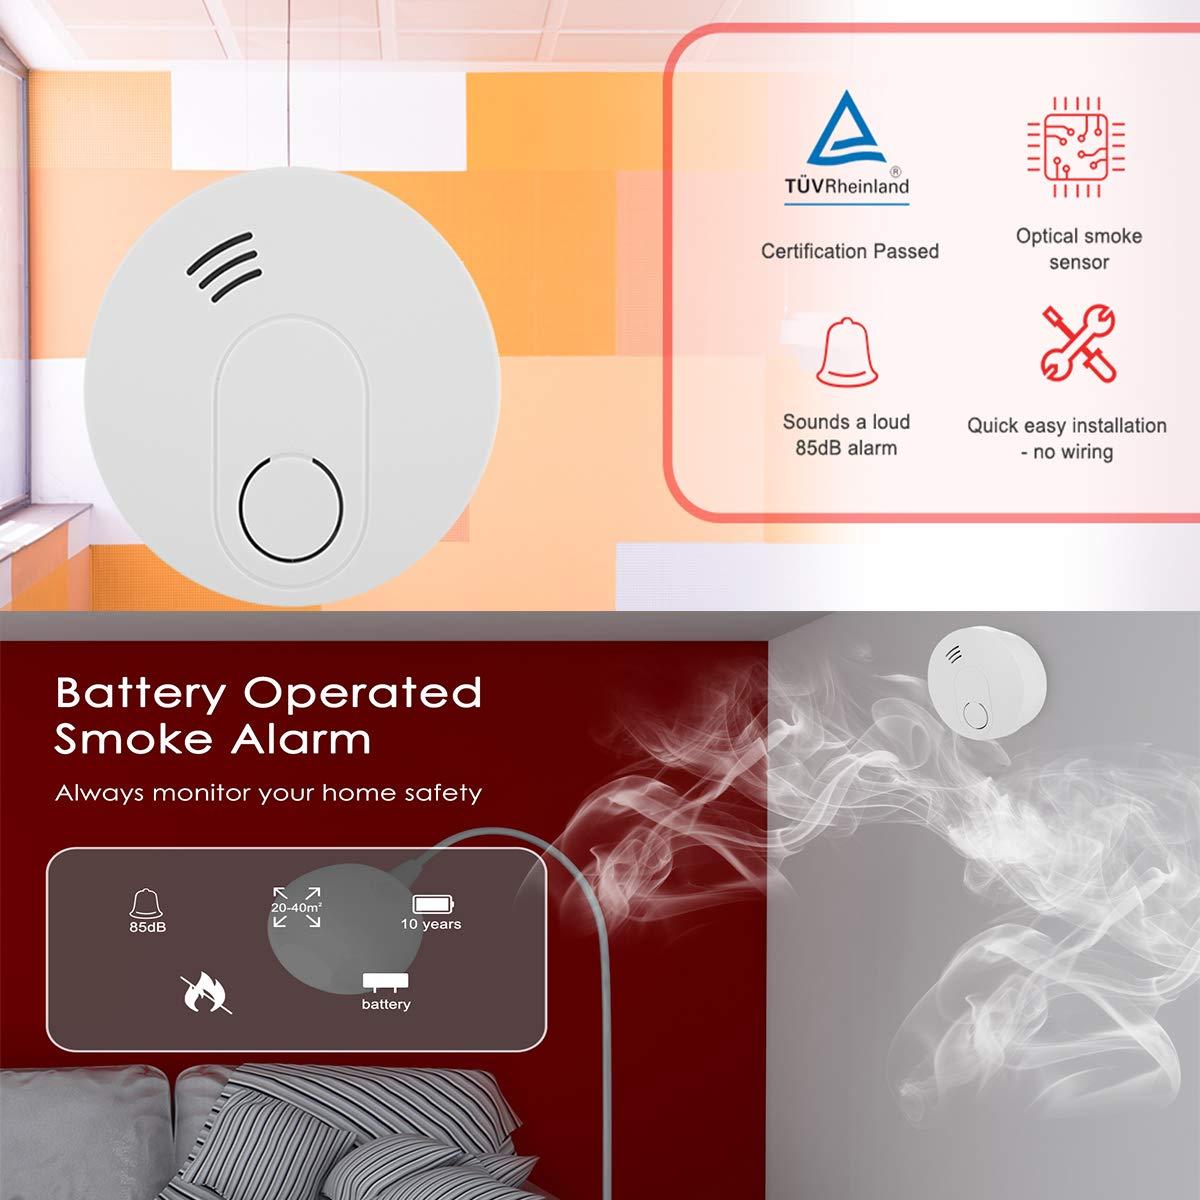 Alarma de Humo Sendowtek Detector de Humo Independiente Voz de 85dB para Escuela//Dormitorio//Cocina//Oficina 4 Vida /útil de La Bater/ía de 10 A/ños Certificaci/ón TUV EN14604